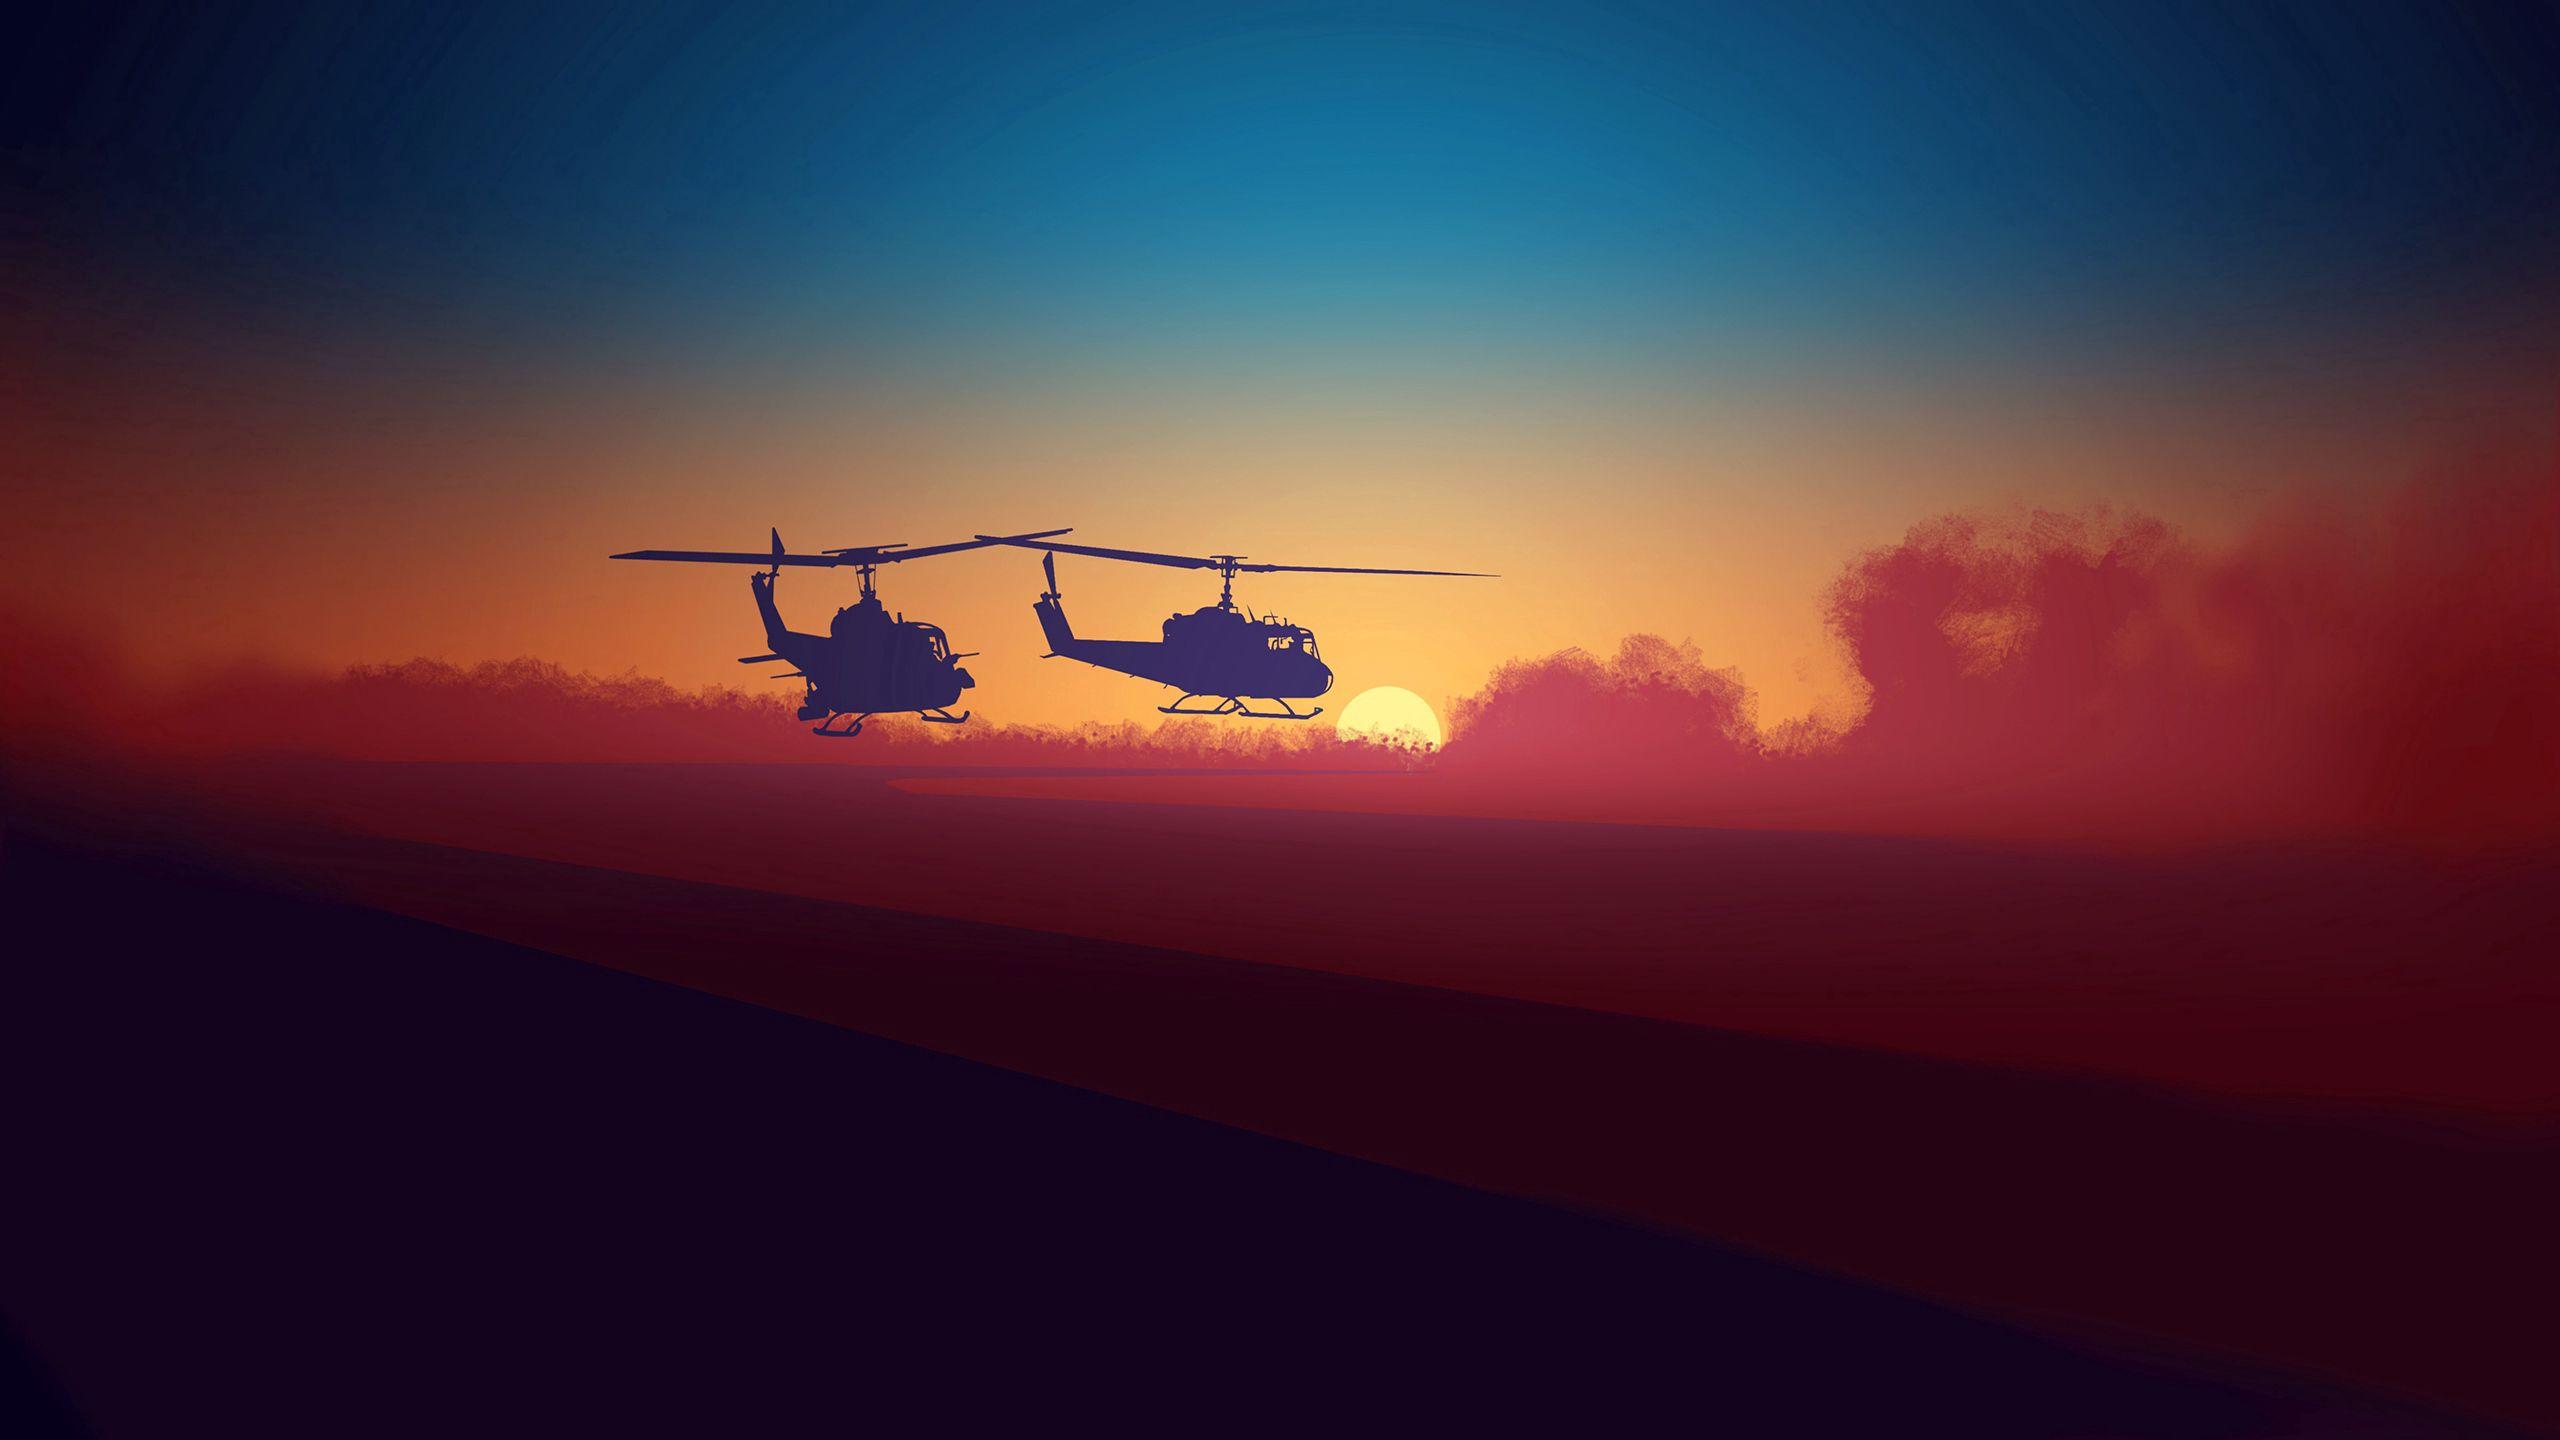 119397 Hintergrundbild herunterladen Sky, Übernachtung, Clouds, Hubschrauber, Dunkel - Bildschirmschoner und Bilder kostenlos